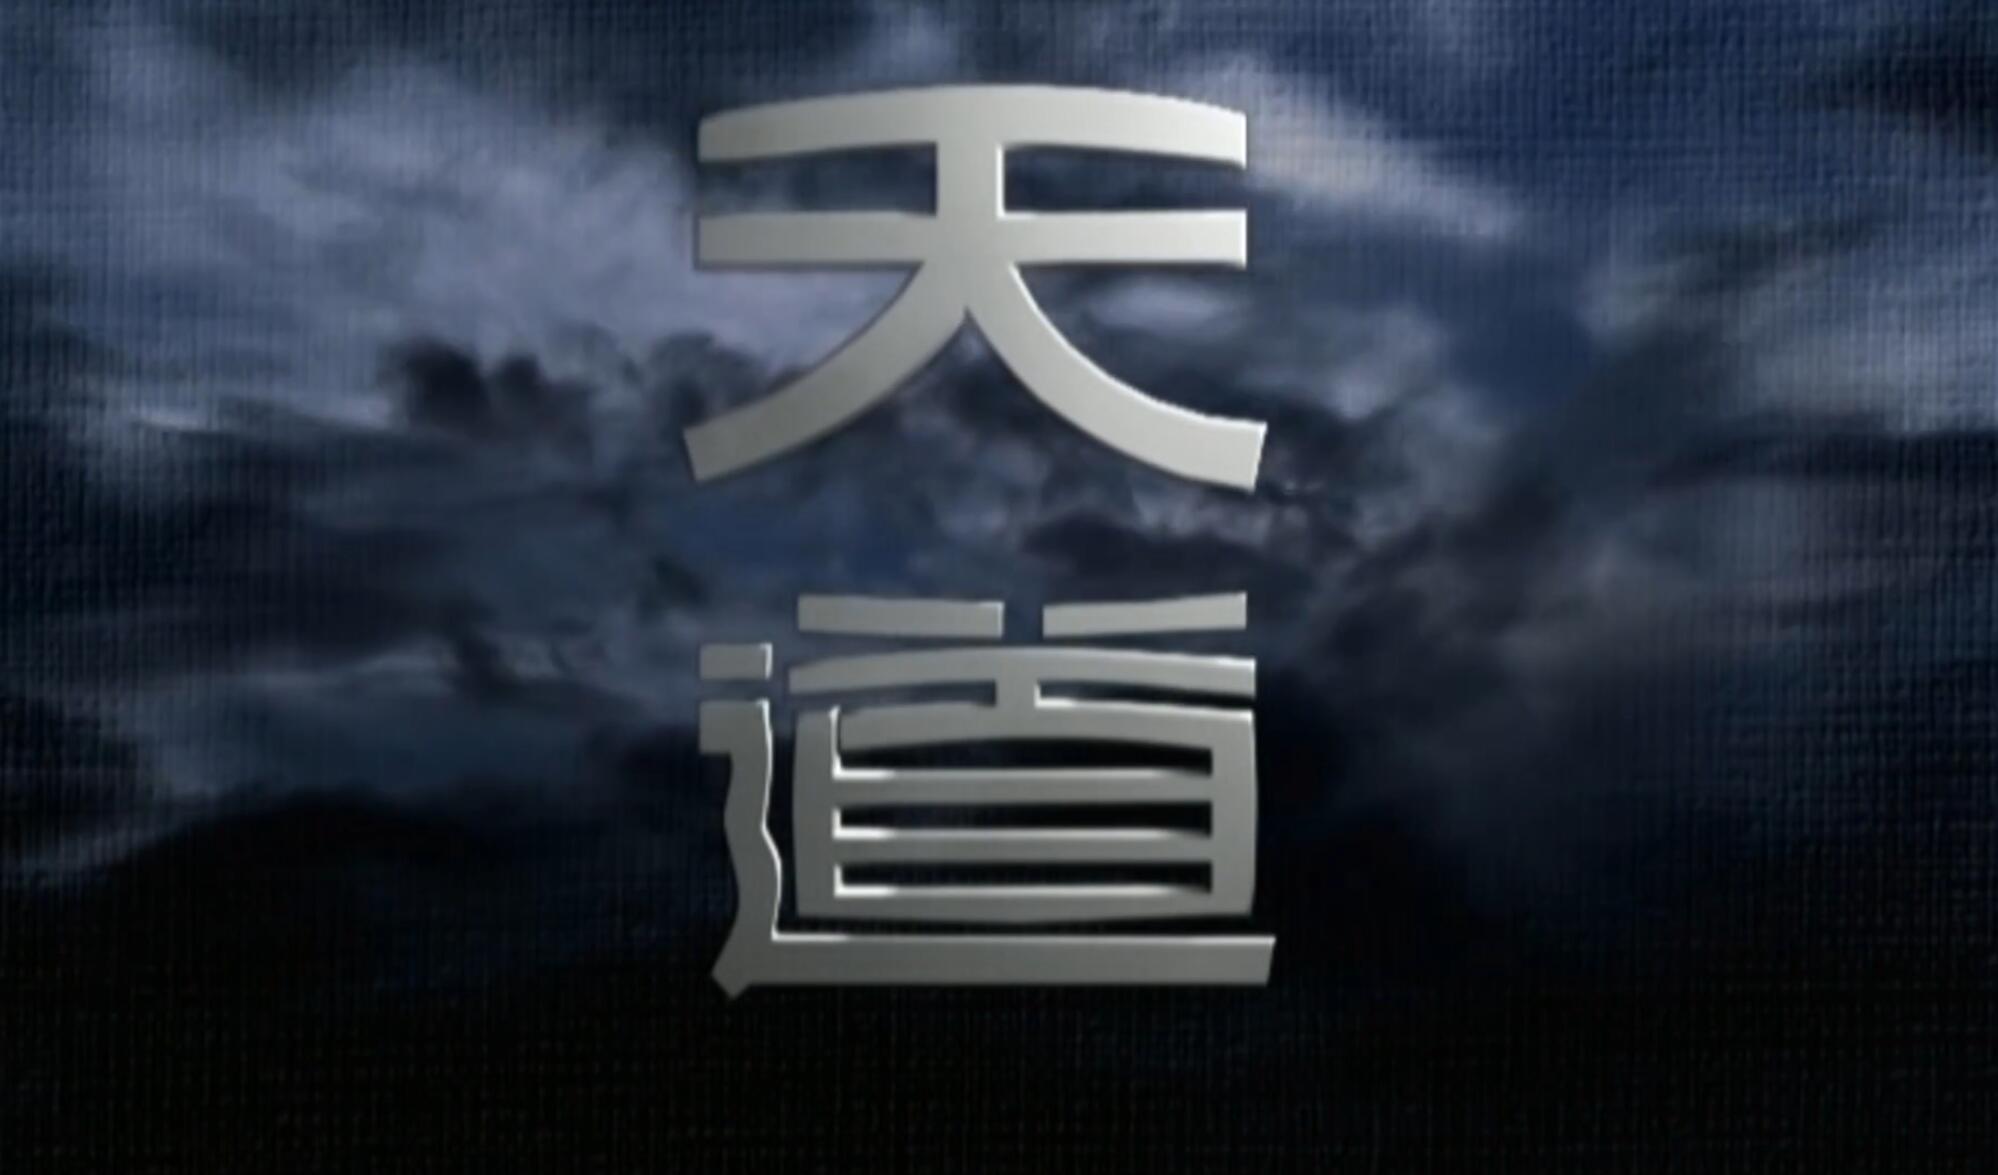 王志文《天道》1080P 24集全集mkv格式